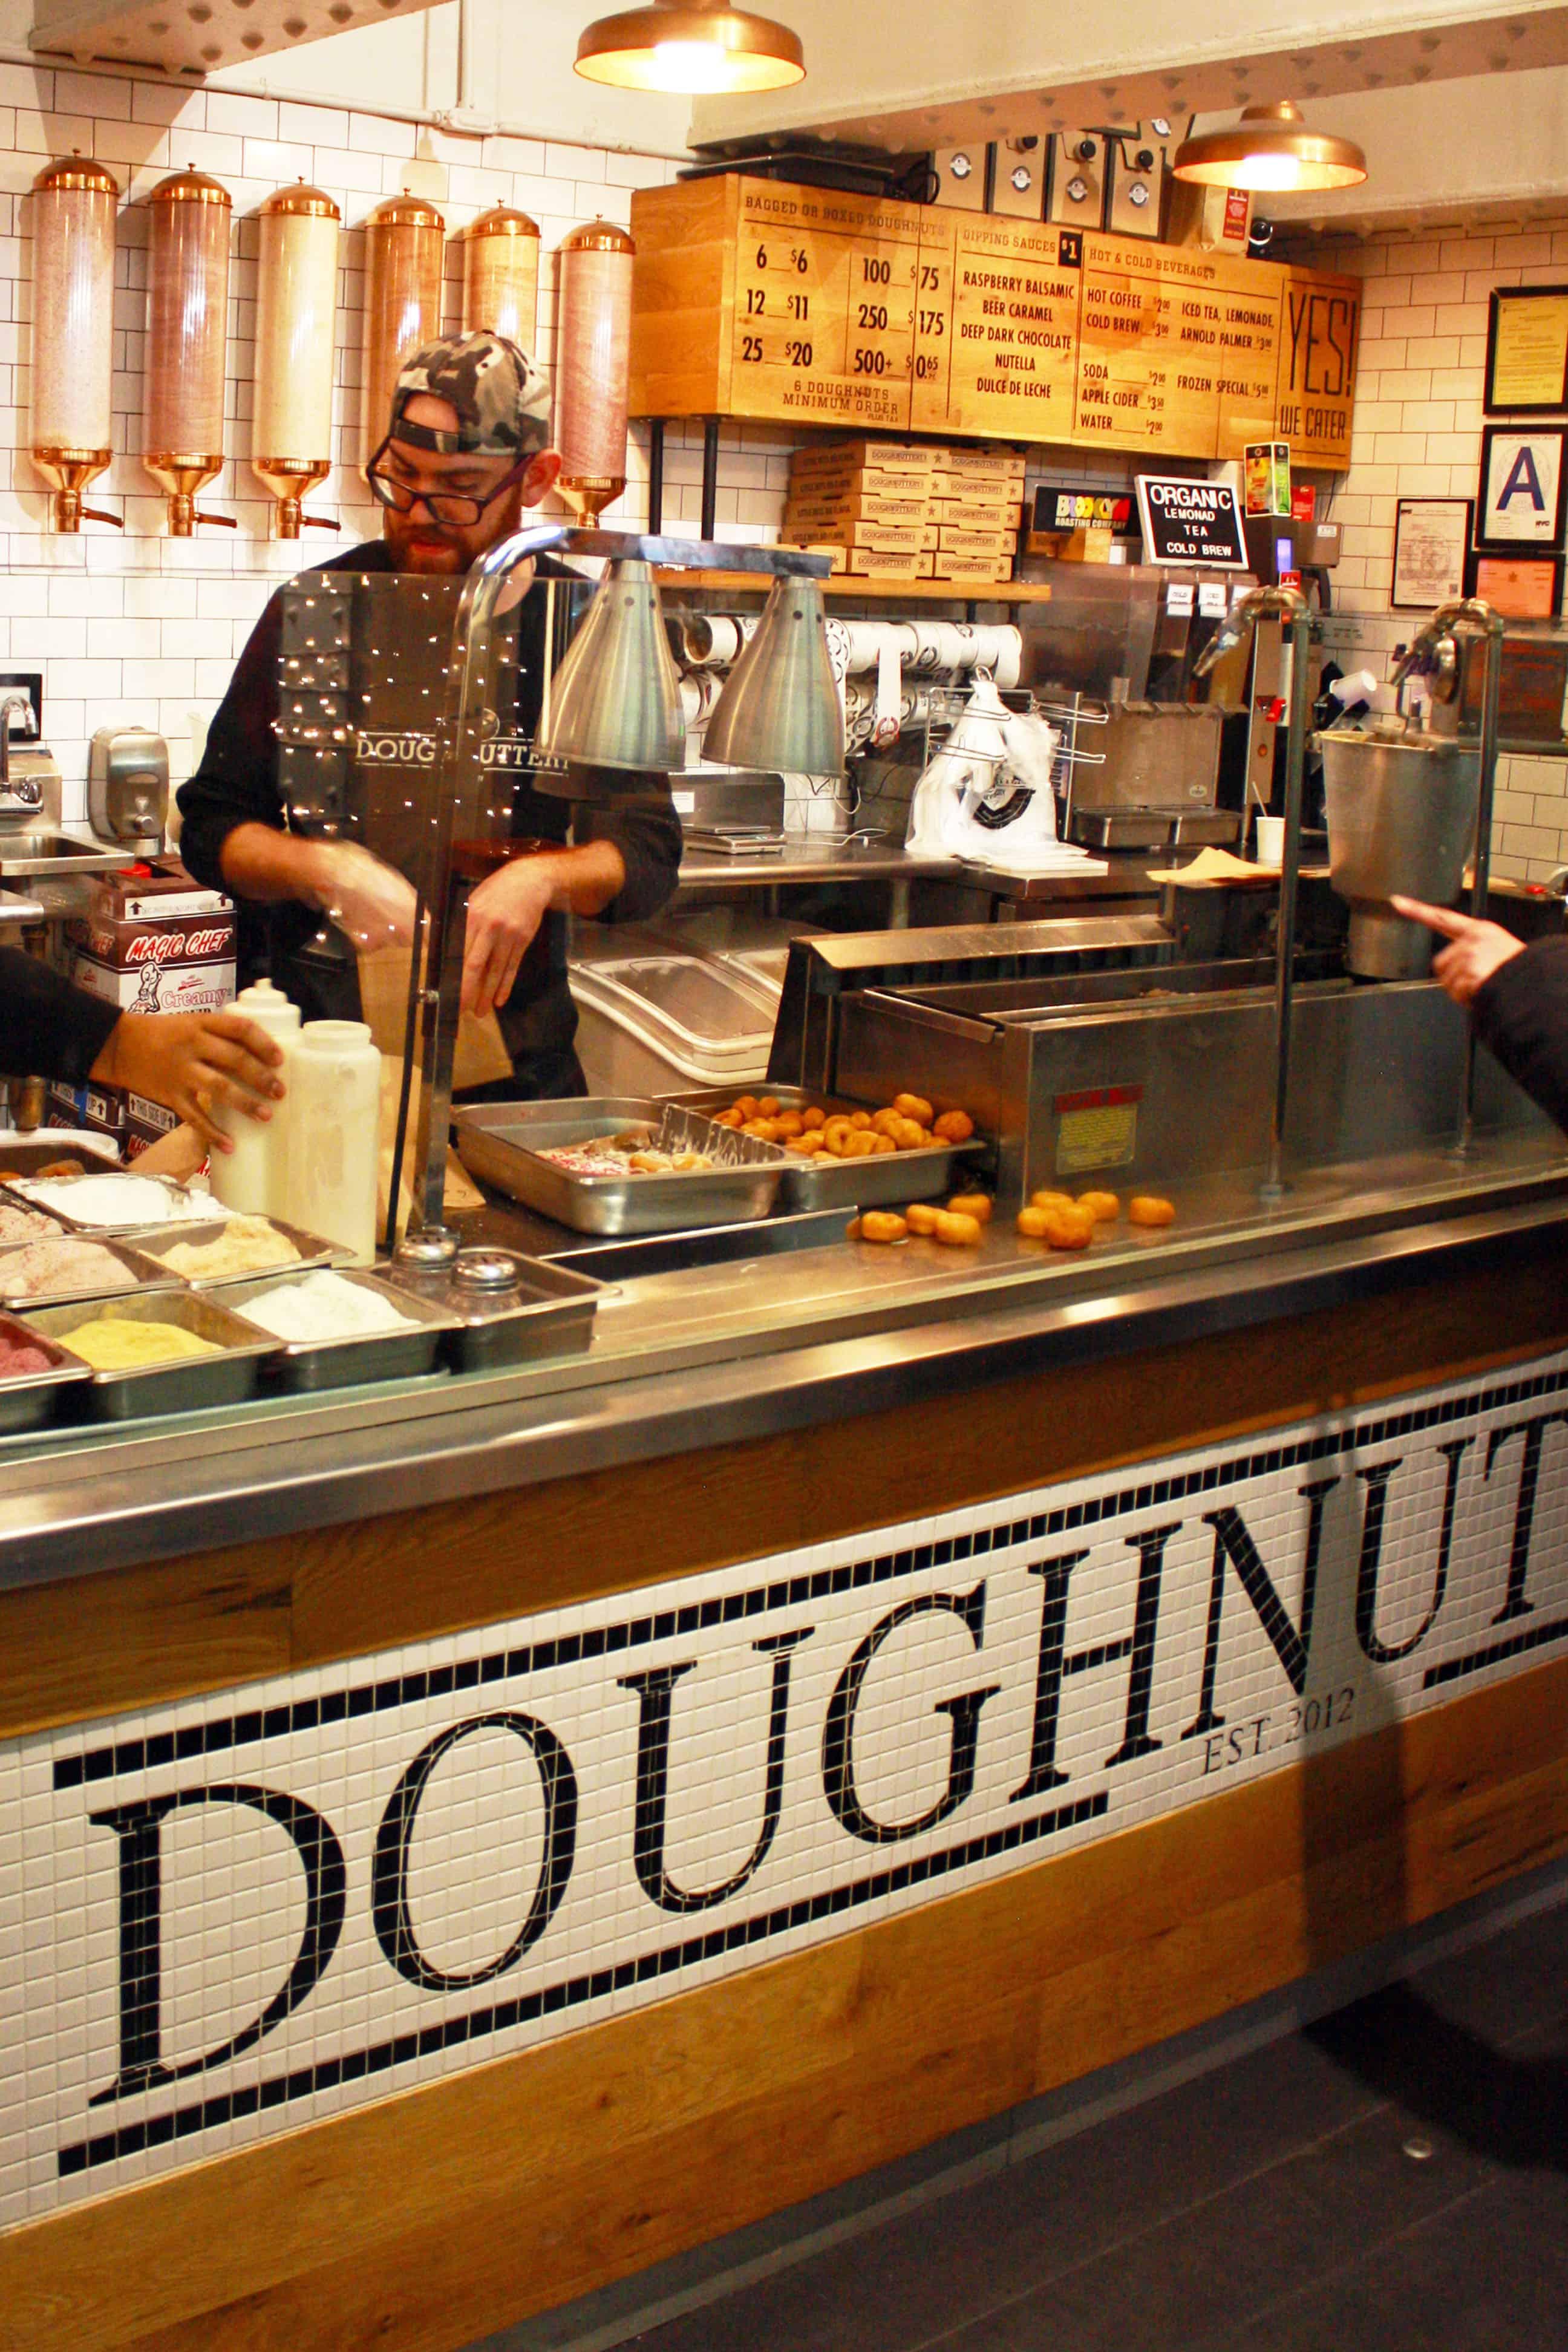 Turnstyle Underground Market New York - Doughnuttery